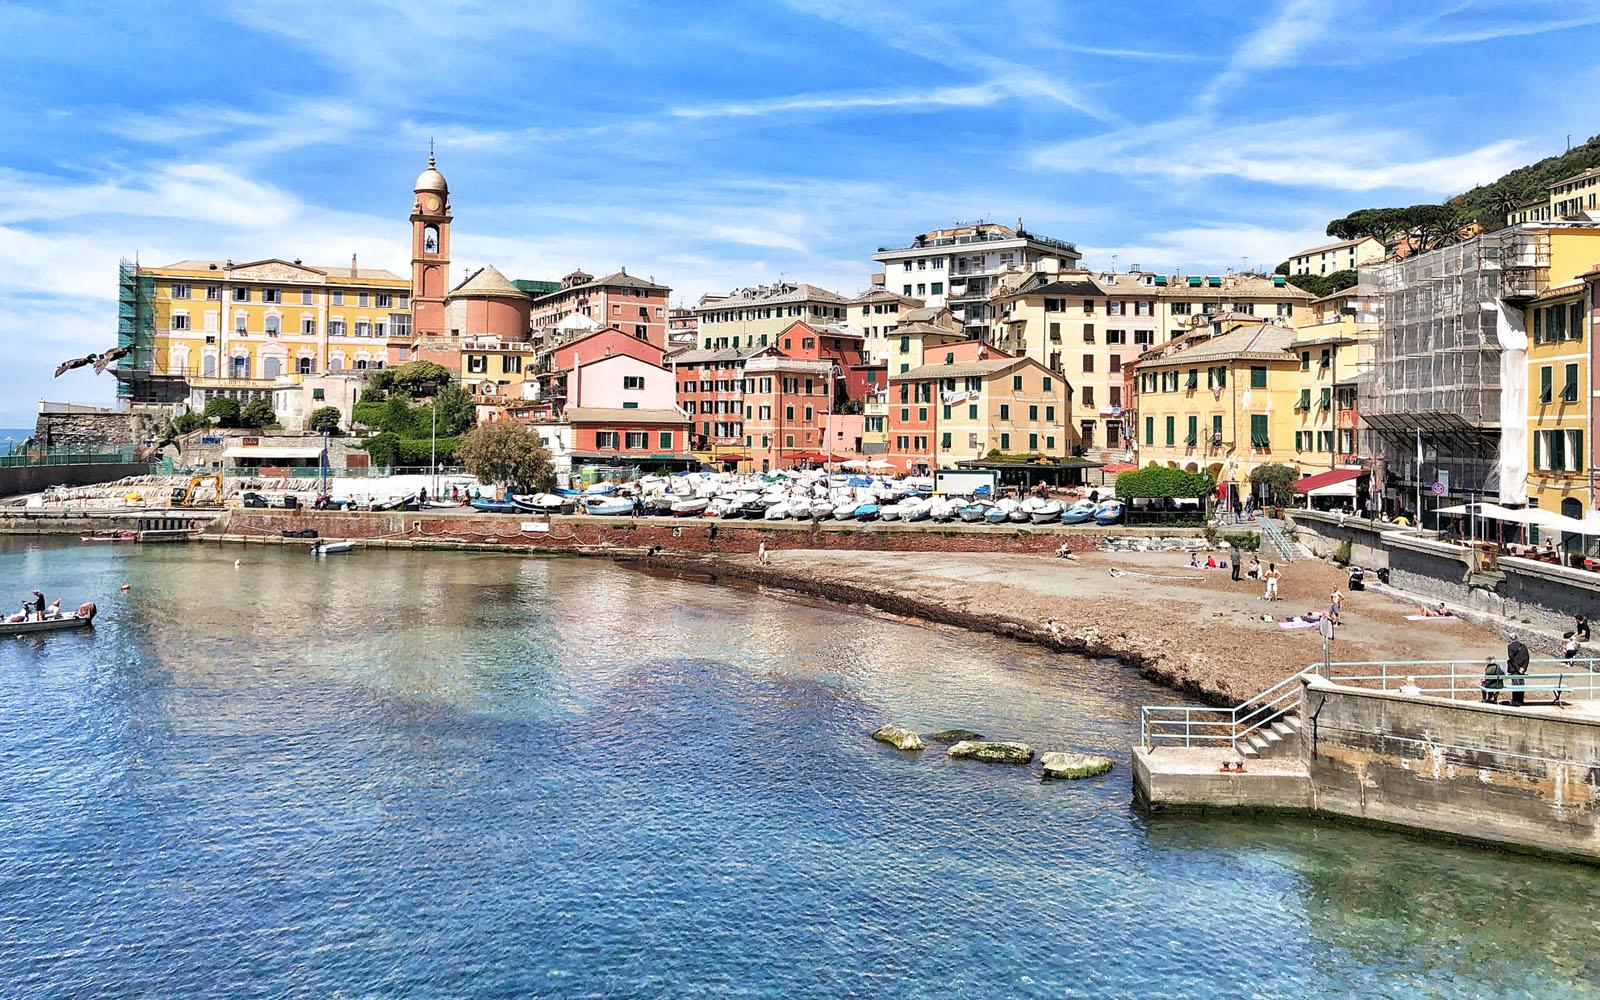 Scorcio sul porticciolo di Genova Nervi. © oltreilbalcone